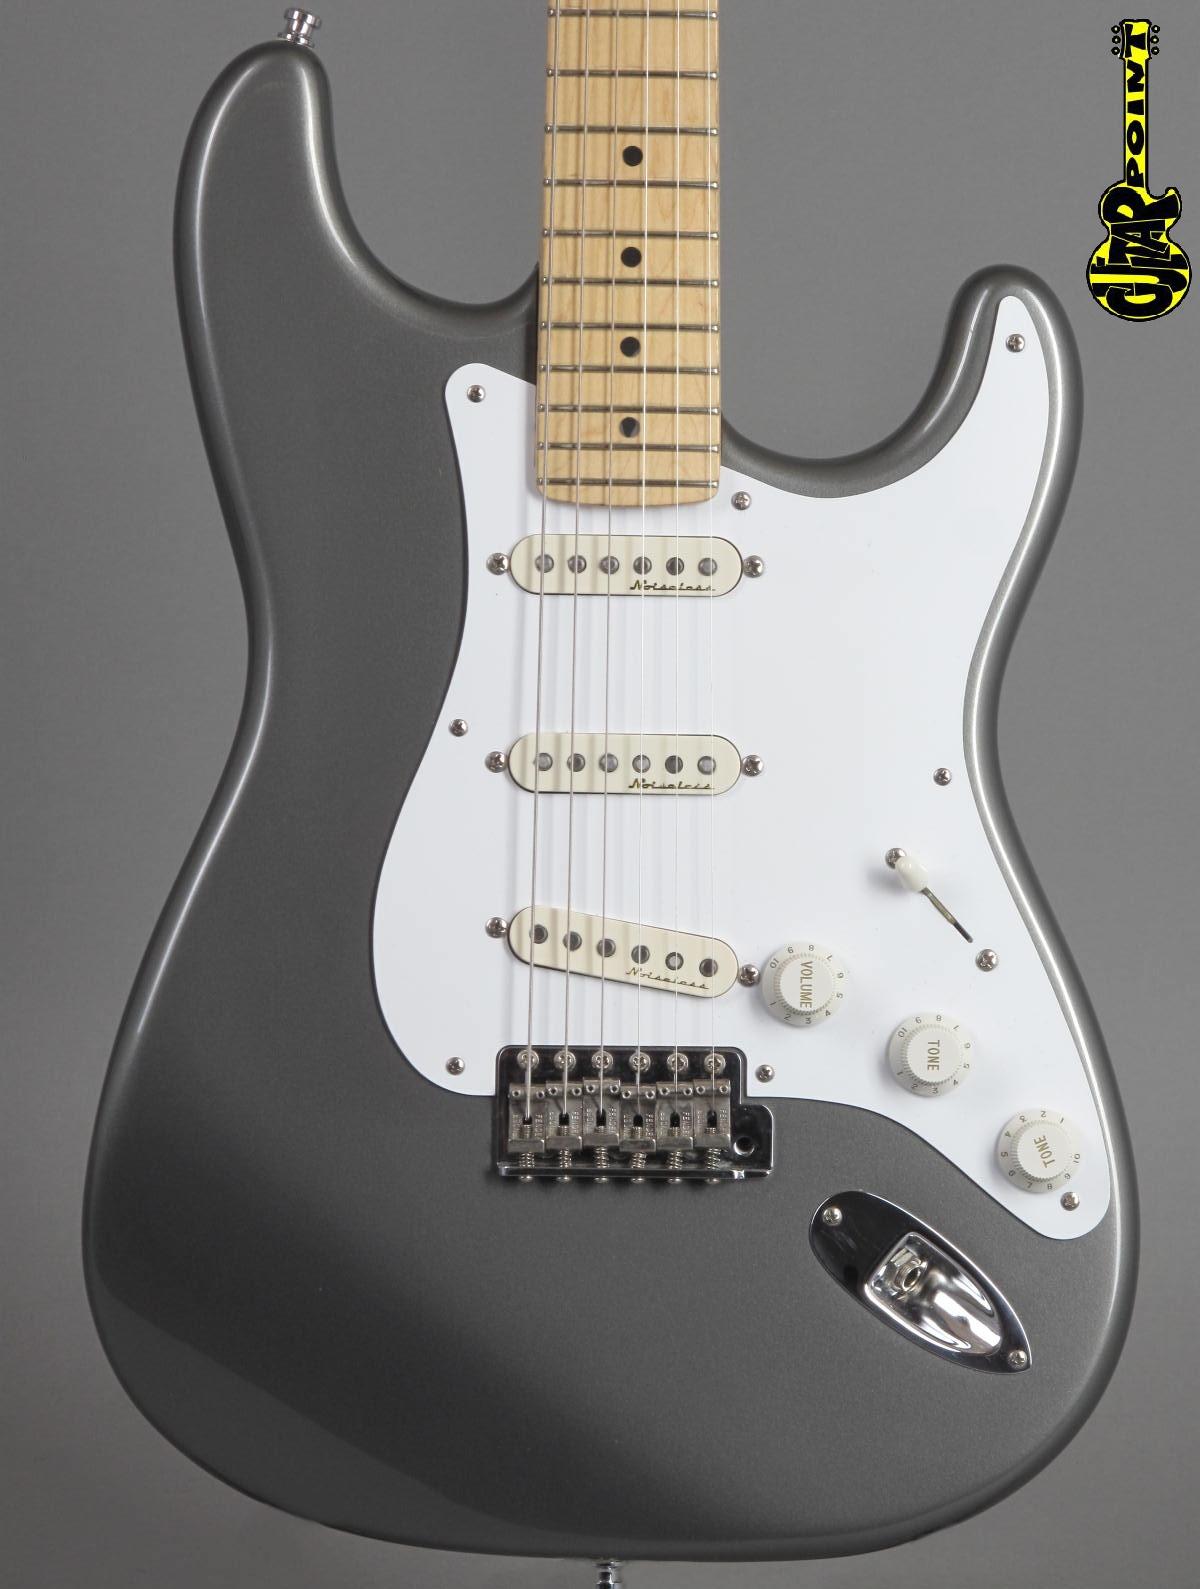 1996 Fender Eric Clapton Stratocaster - Pewter Metallic